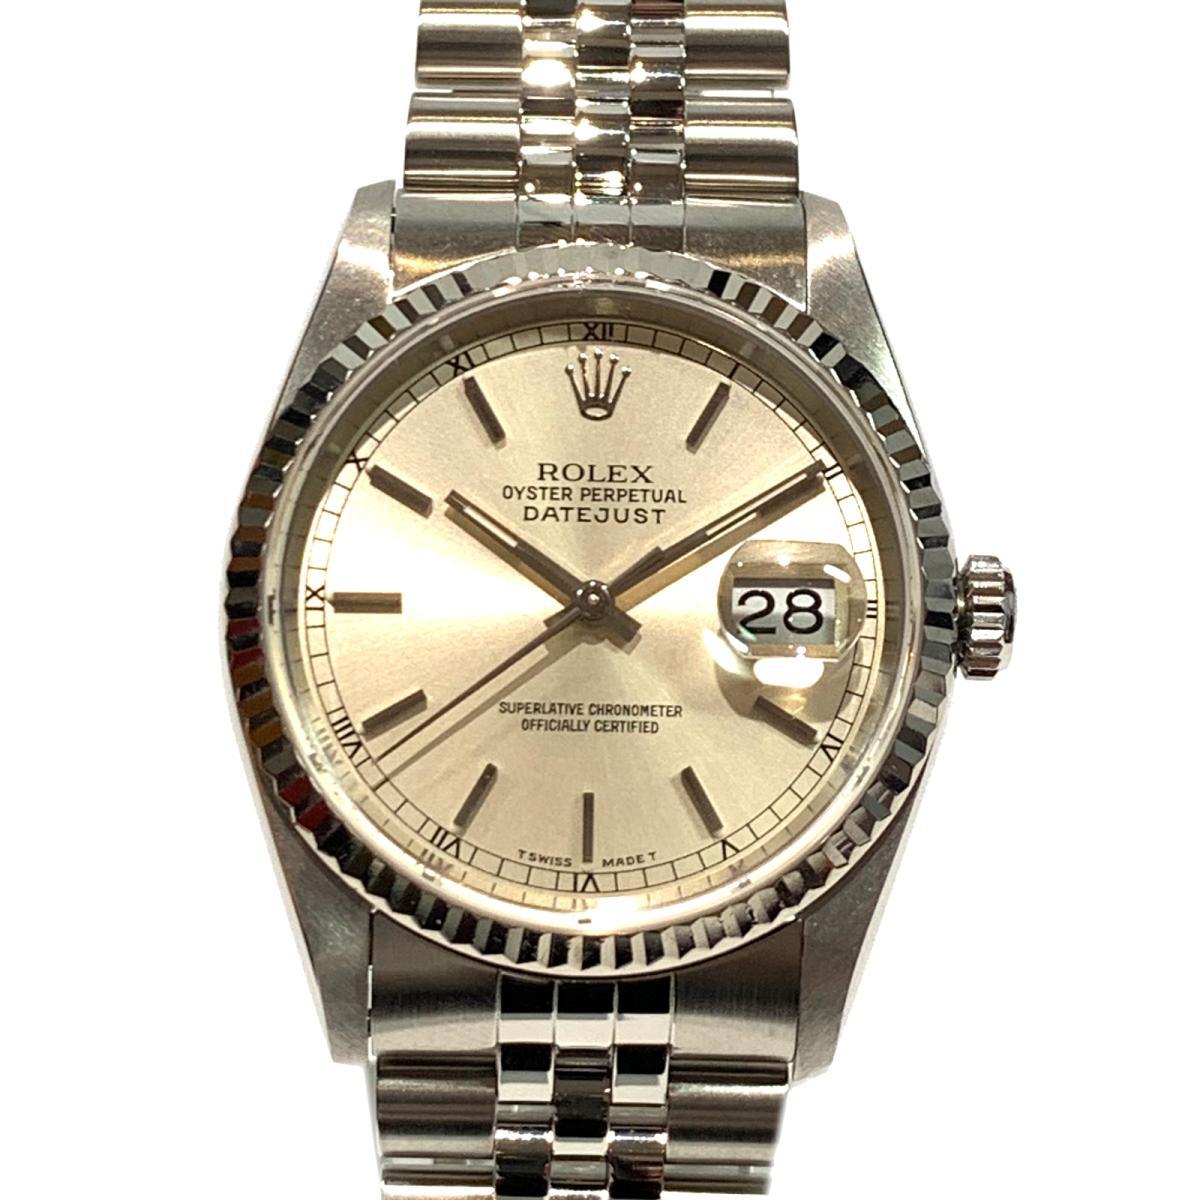 ≪期間限定≫メルマガ登録でクーポンGET! 【中古】 ロレックス デイトジャスト 腕時計 ウォッチ メンズ ステンレススチール (SS) × K18WG (750) ホワイトゴールド シルバー (16234) | ROLEX BRANDOFF ブランドオフ ブランド ブランド時計 ブランド腕時計 時計